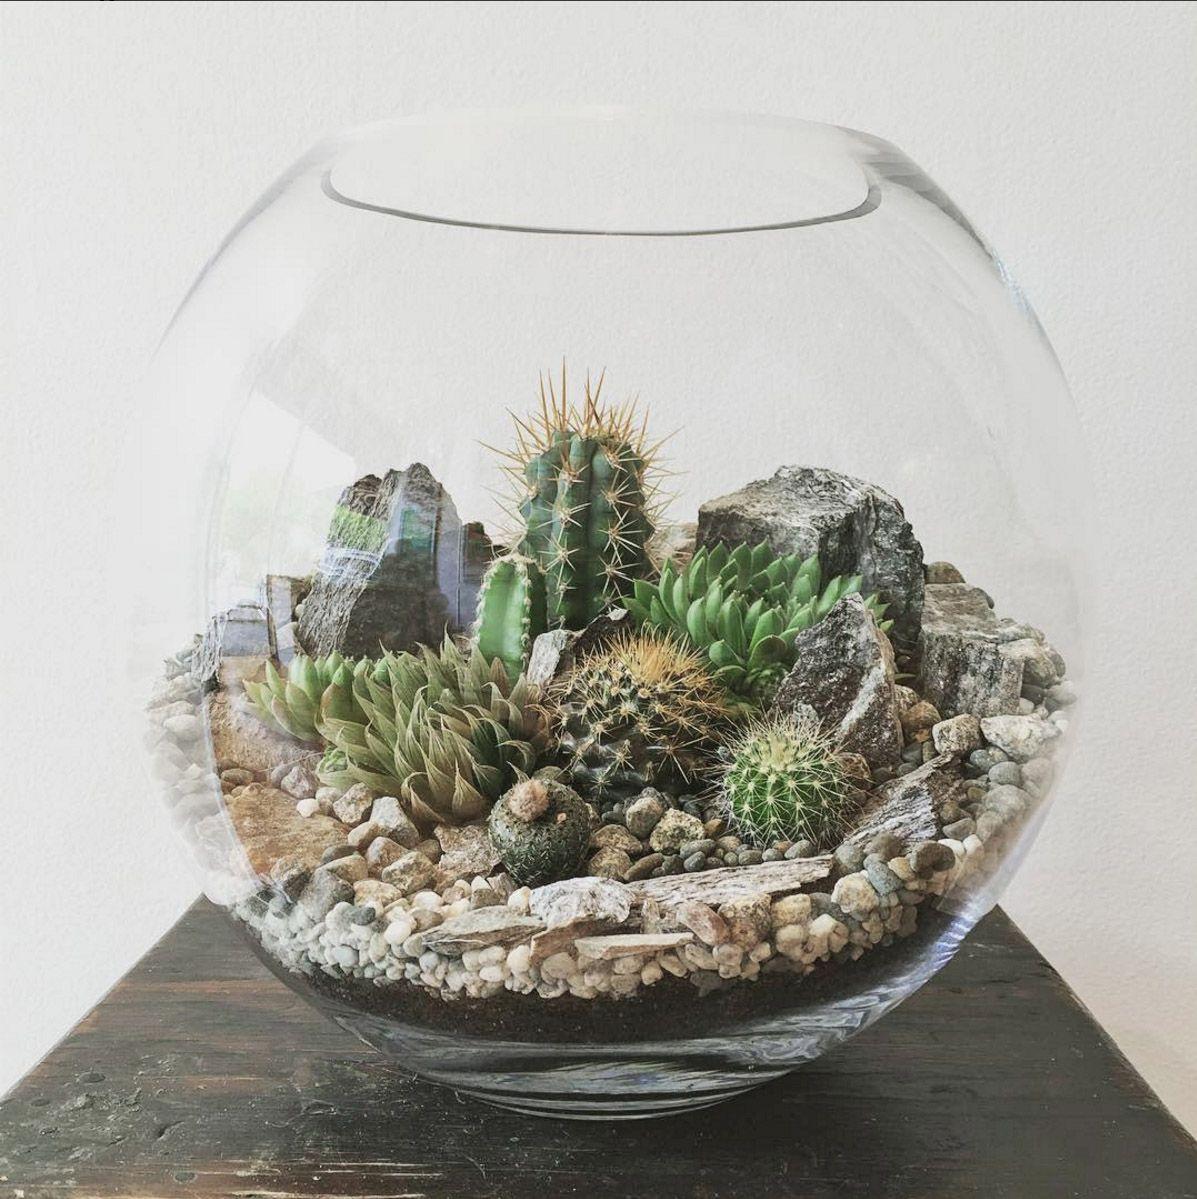 desert world terrarium medium terraria cacti and deserts. Black Bedroom Furniture Sets. Home Design Ideas